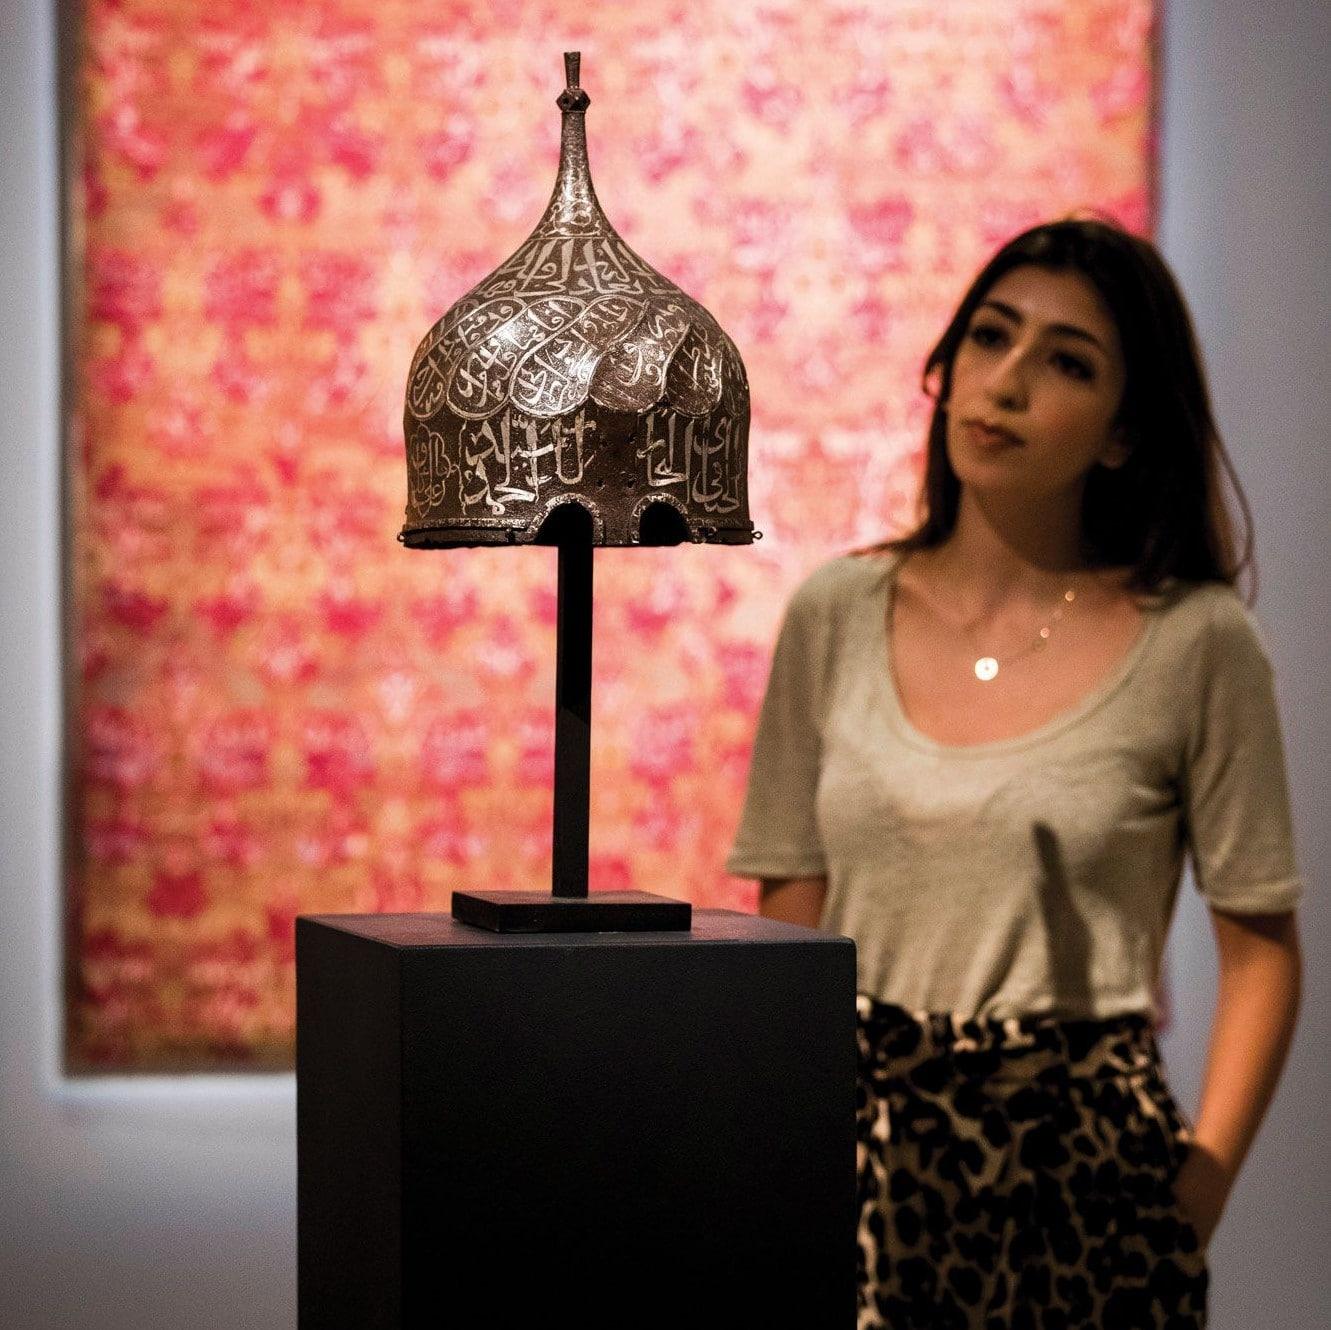 Stop aukció: az izraeli kormány megakadályozta a jeruzsálemi Iszlám Múzeum gyűjteményének értékesíté…